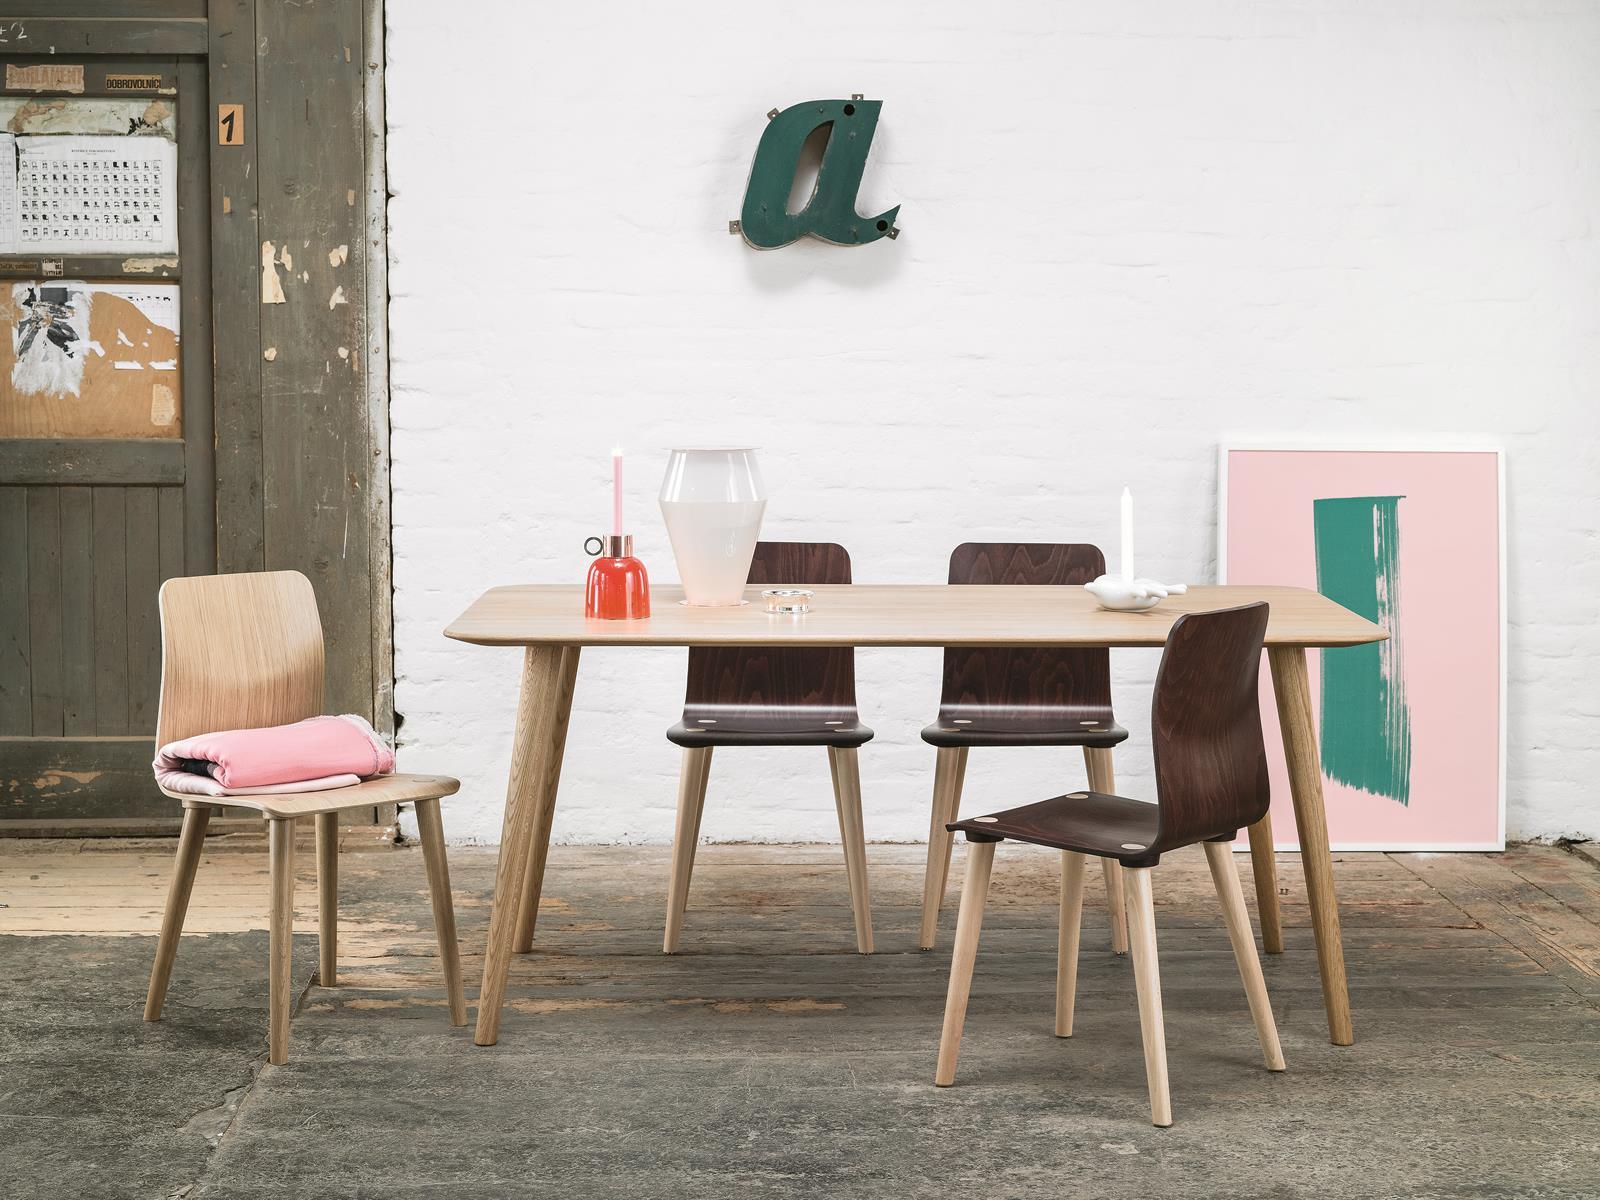 Stuhl Malmo Ton A S Von Menschen Gefertigte Stuhle